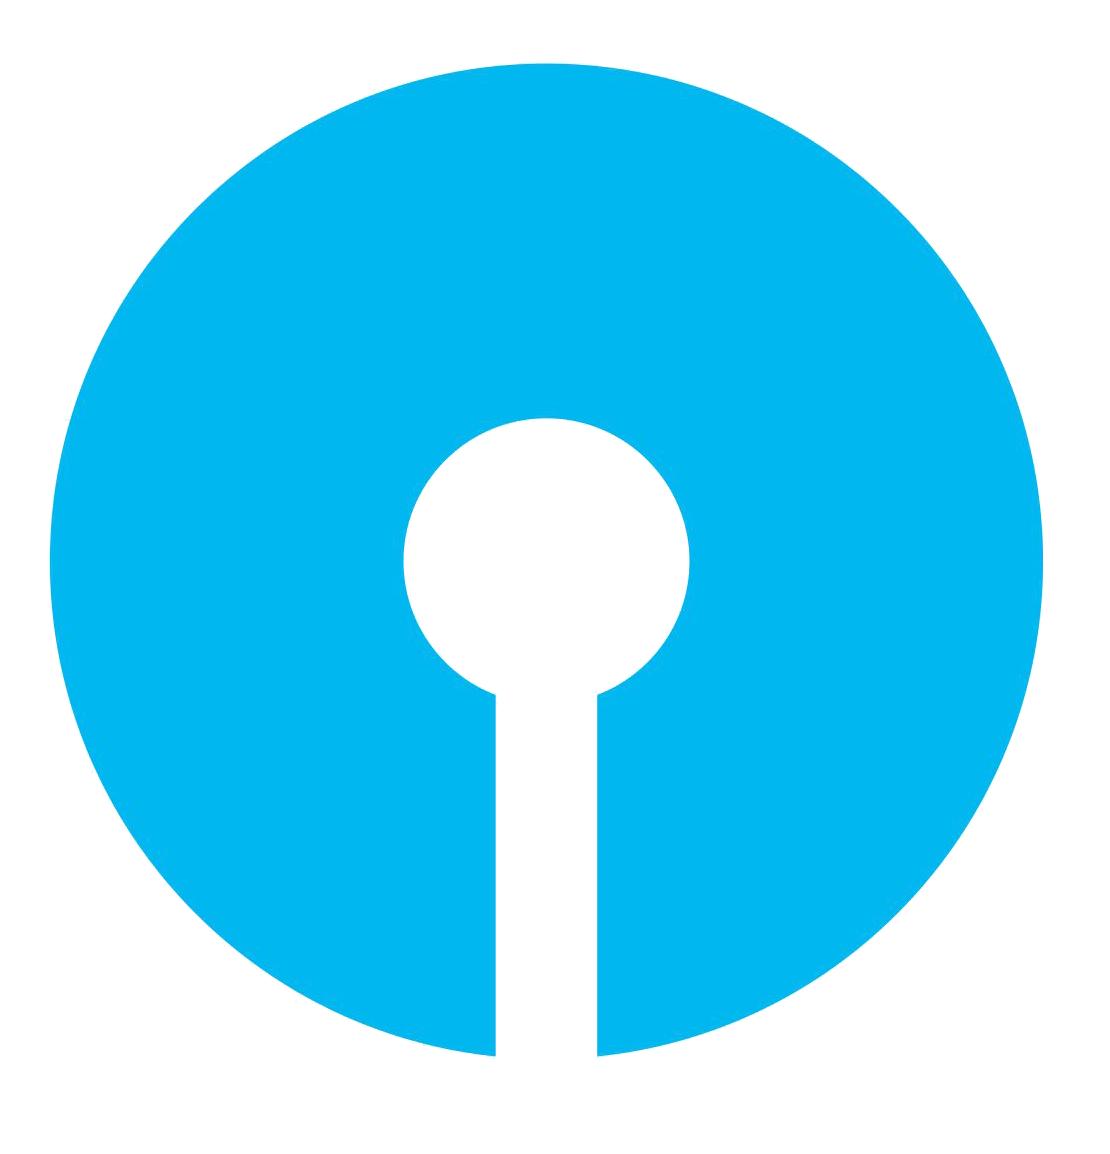 SBI logo